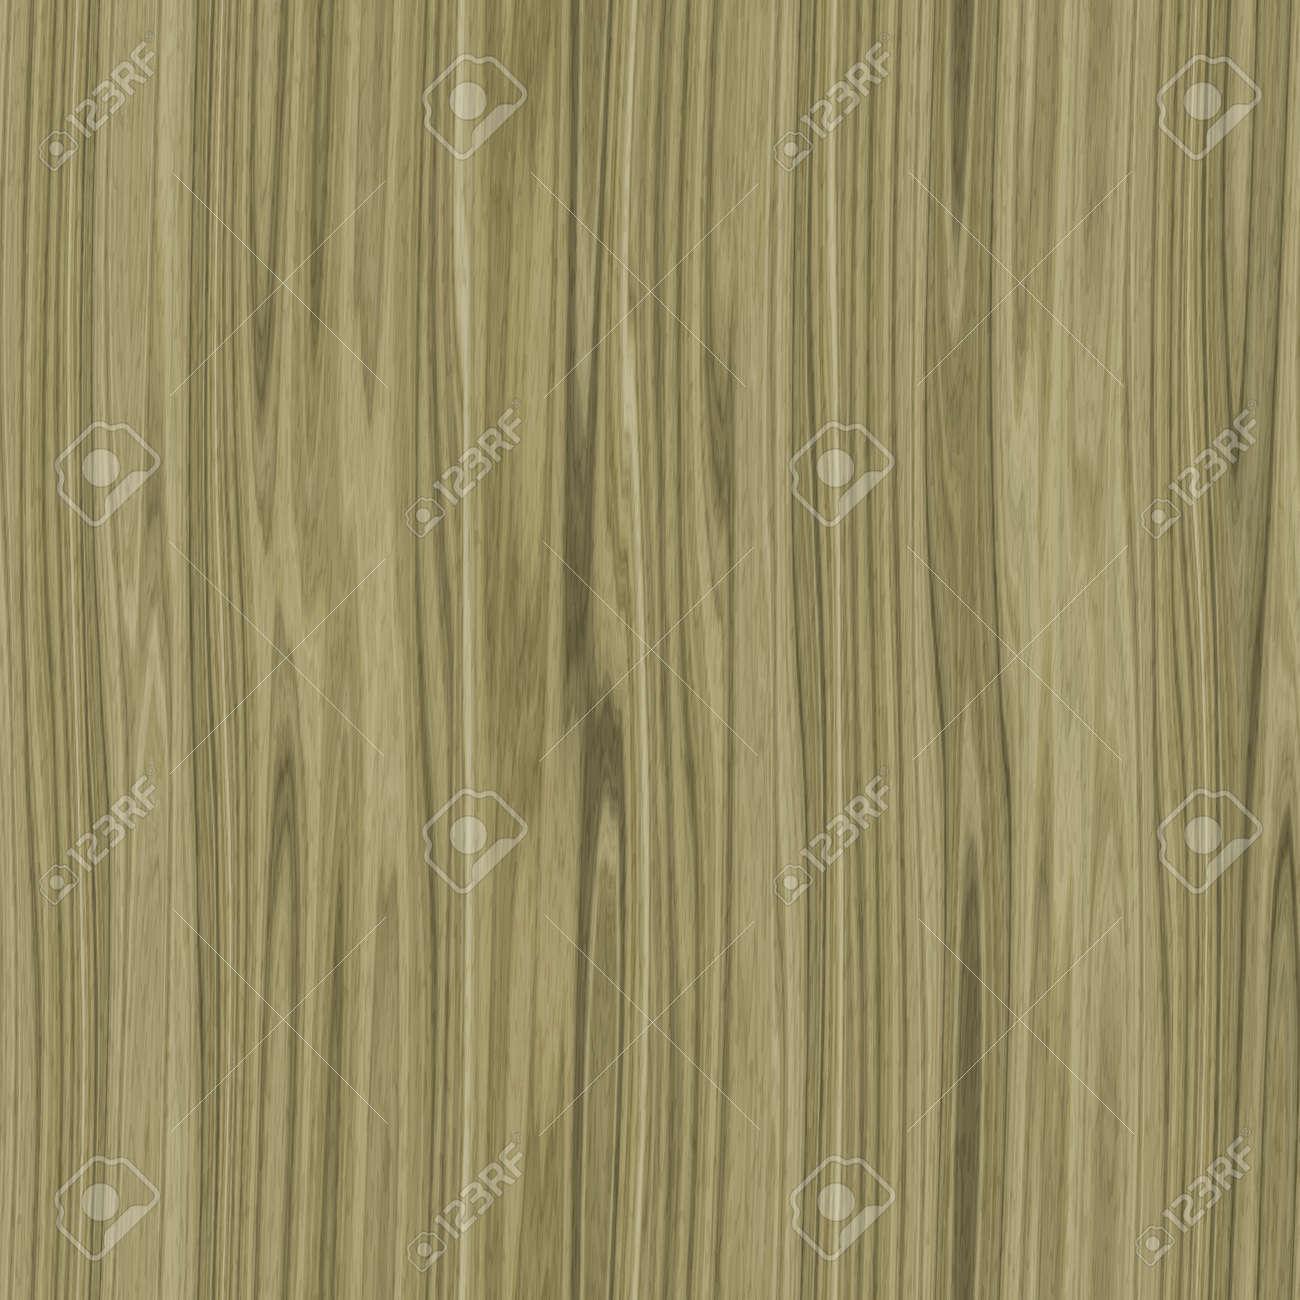 Bois Clair Seamless Texture Ou De Fond